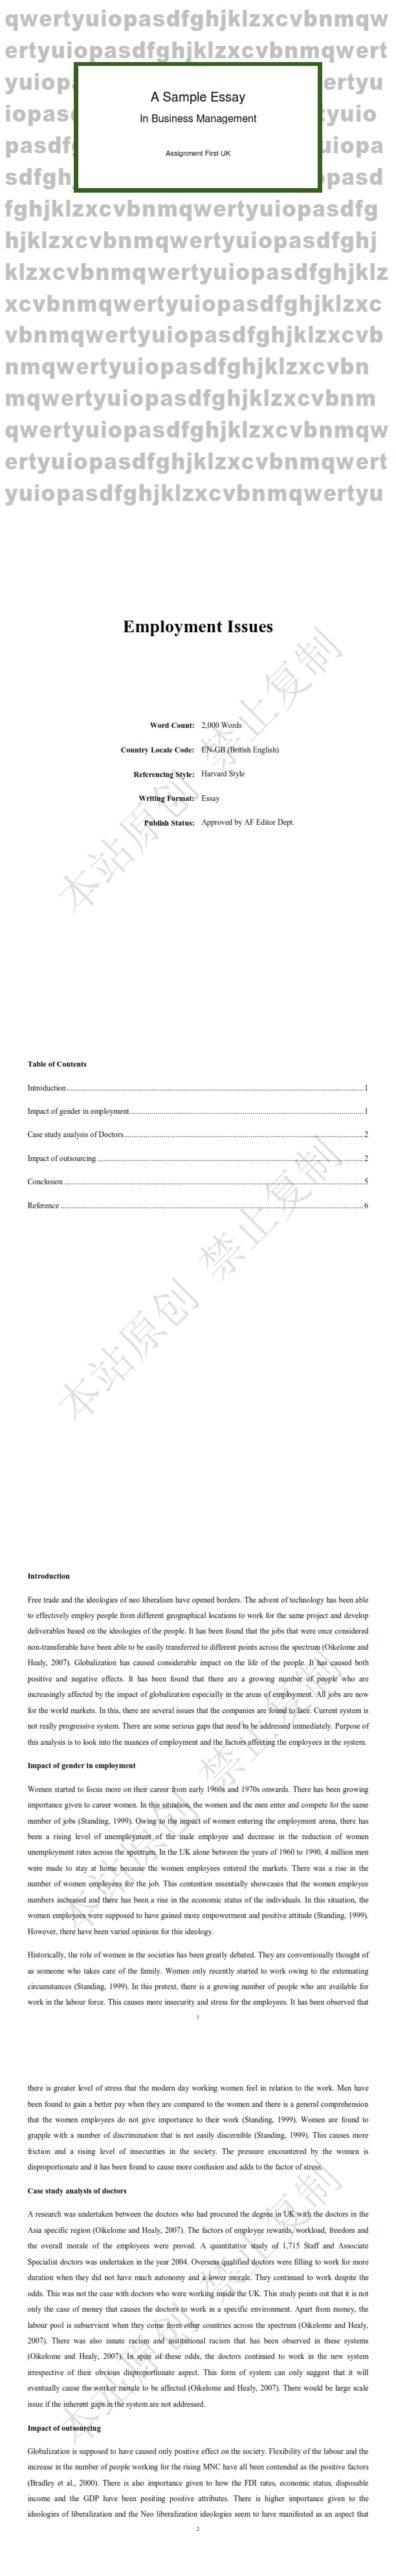 英国代写essay : 商业管理论文代写